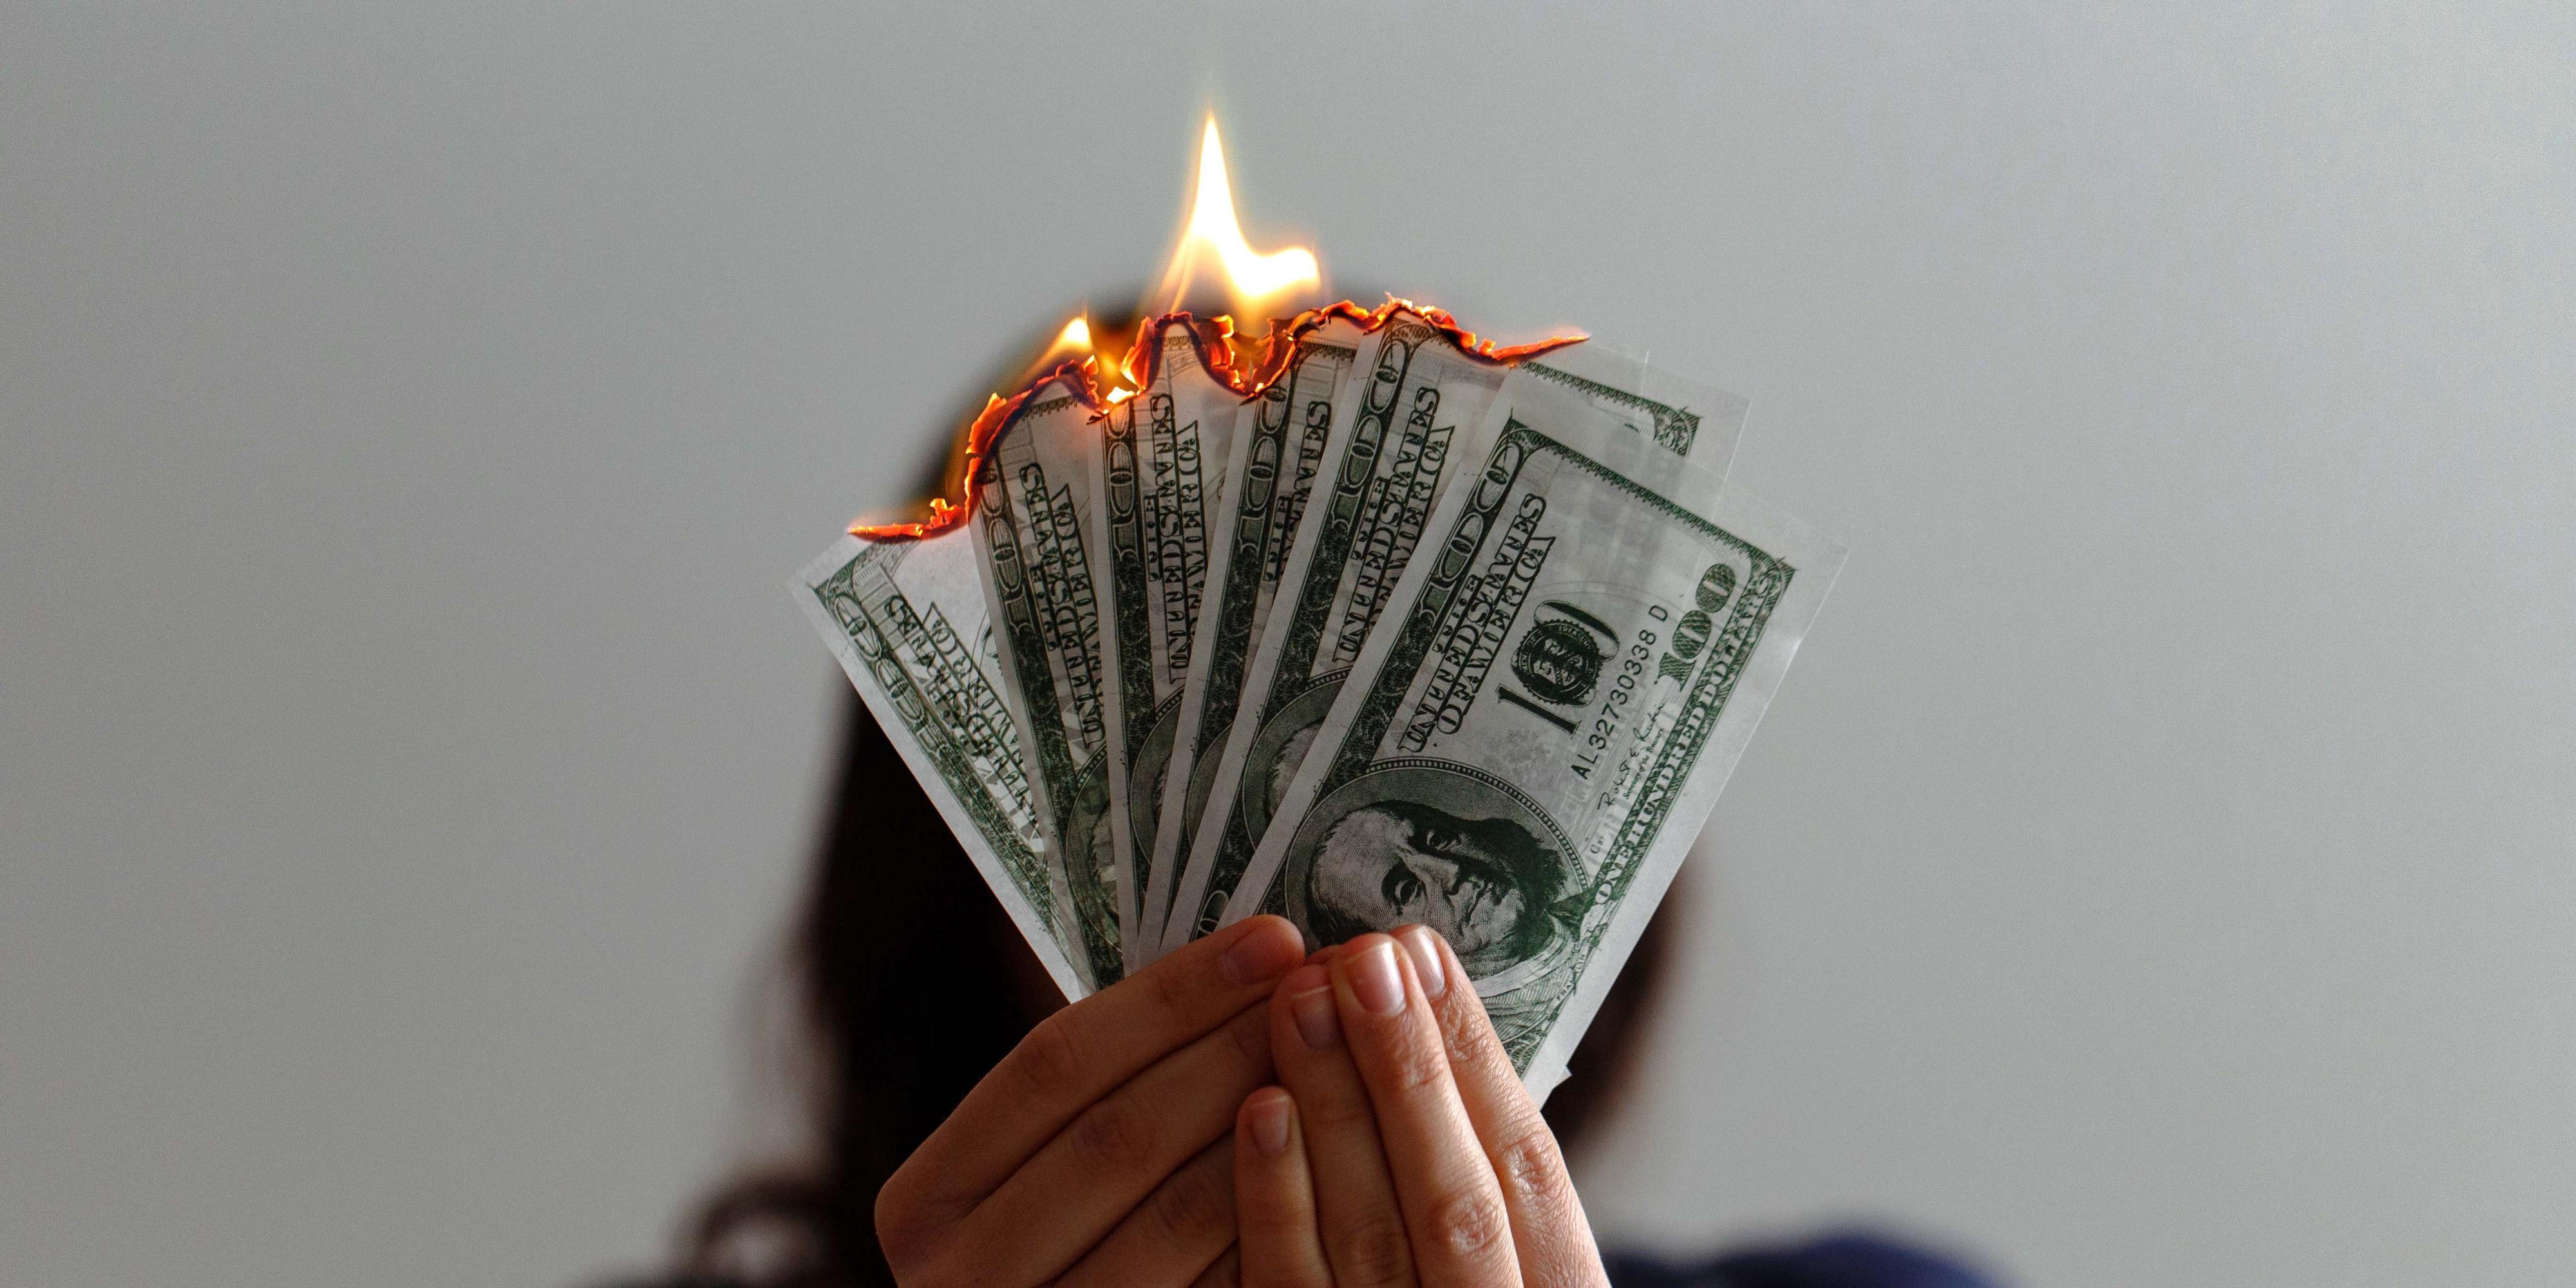 Многократная потеря денег вызывает пластические изменения в мозге